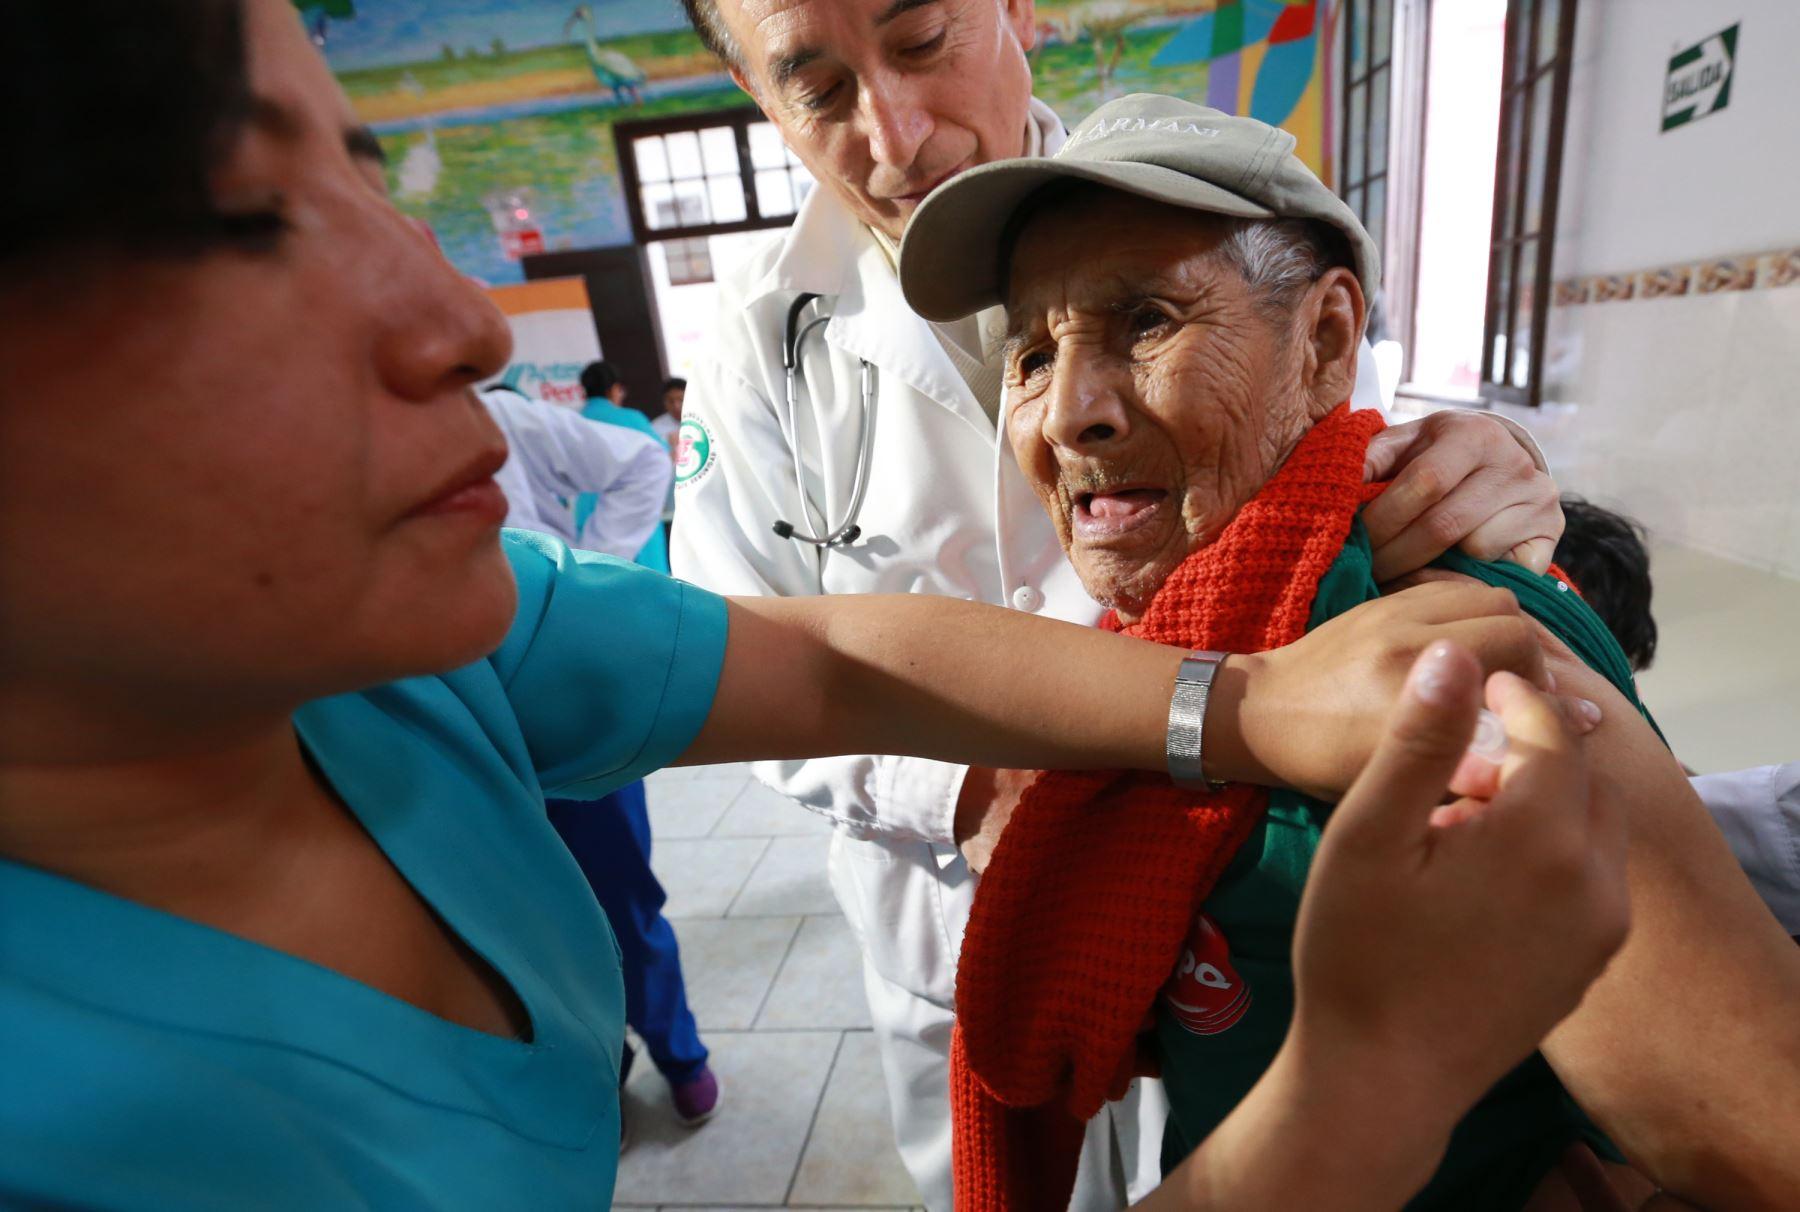 Frente al descenso de la temperatura que afecta a varias regiones del país, a la fecha se han aplicado más de un millón 850 mil vacunas contra la influenza y más de 430 mil dosis contra el neumococo, y se seguirá trabajando en esta acción, remarcó el presidente de la República, Martín Vizcarra.ANDINA/Norman Córdova